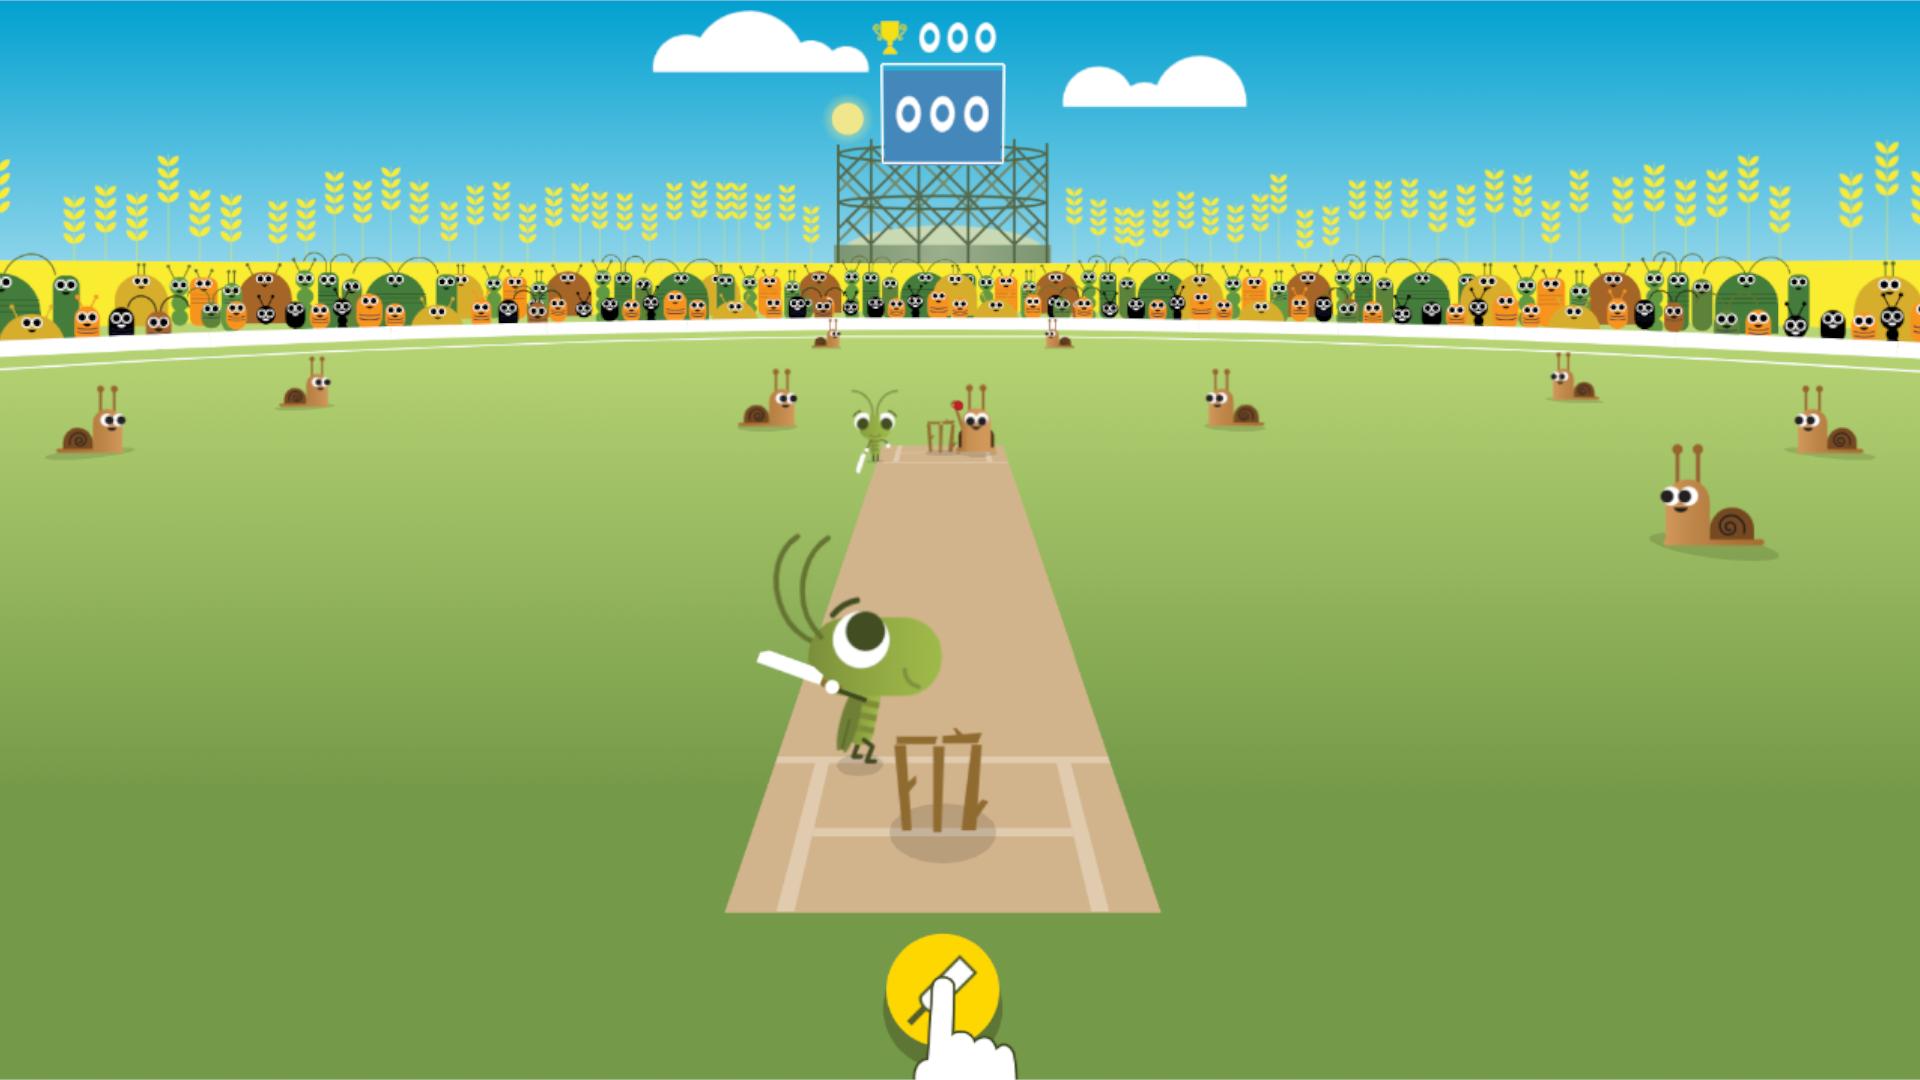 Jogue críquete com grilos e conheça mais sobre esse esporte (Fonte: Google Doodle)